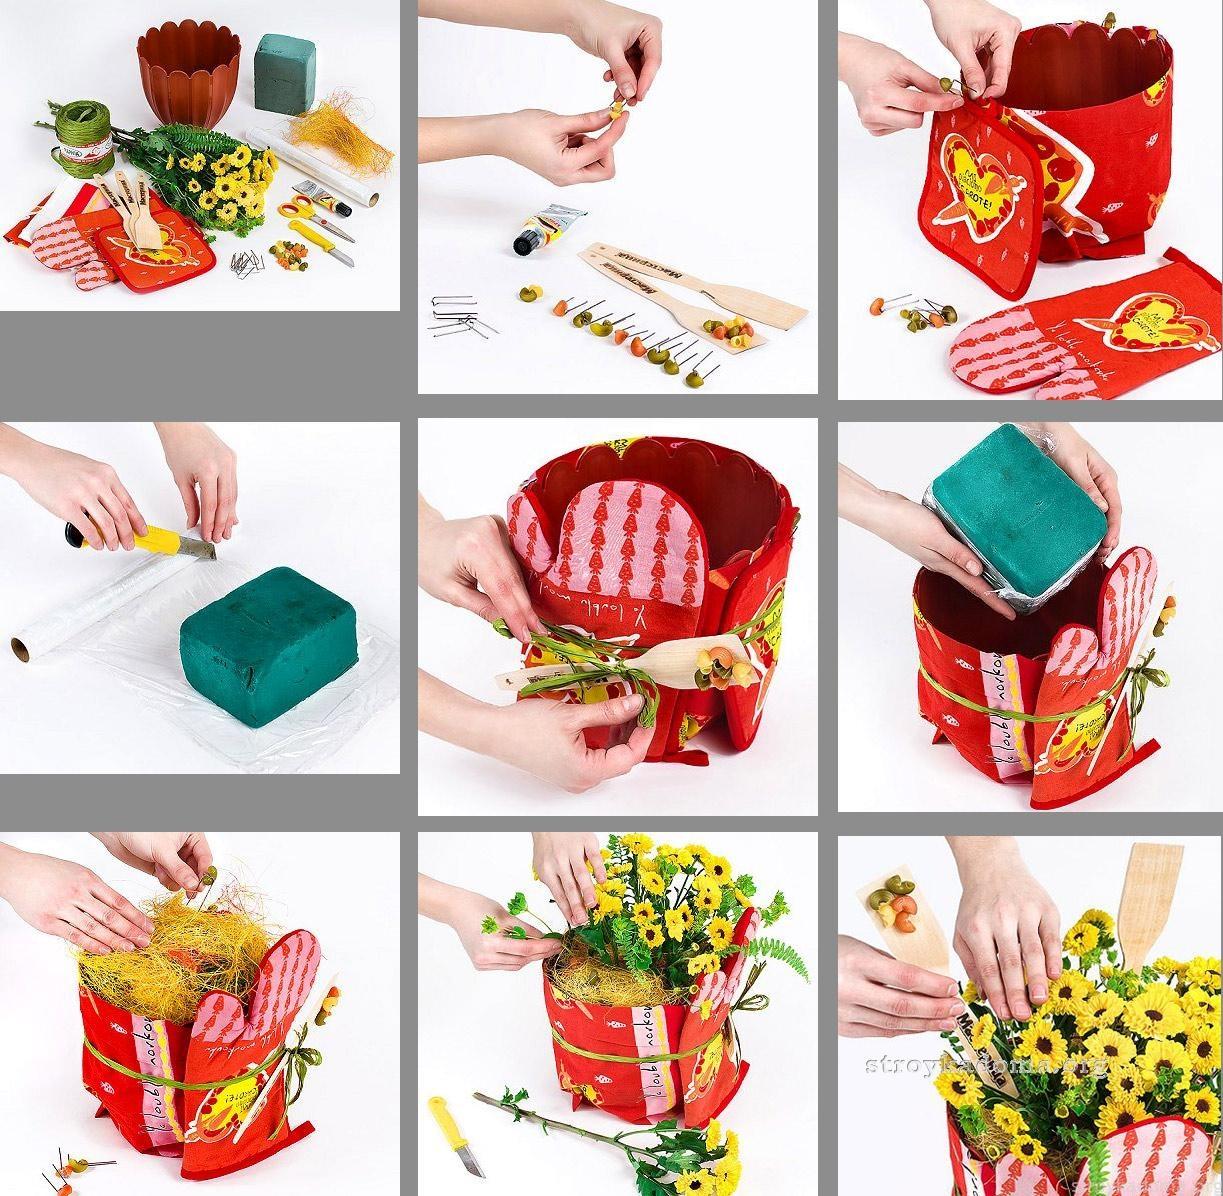 фото инструкция по созданию кашпо для цветов